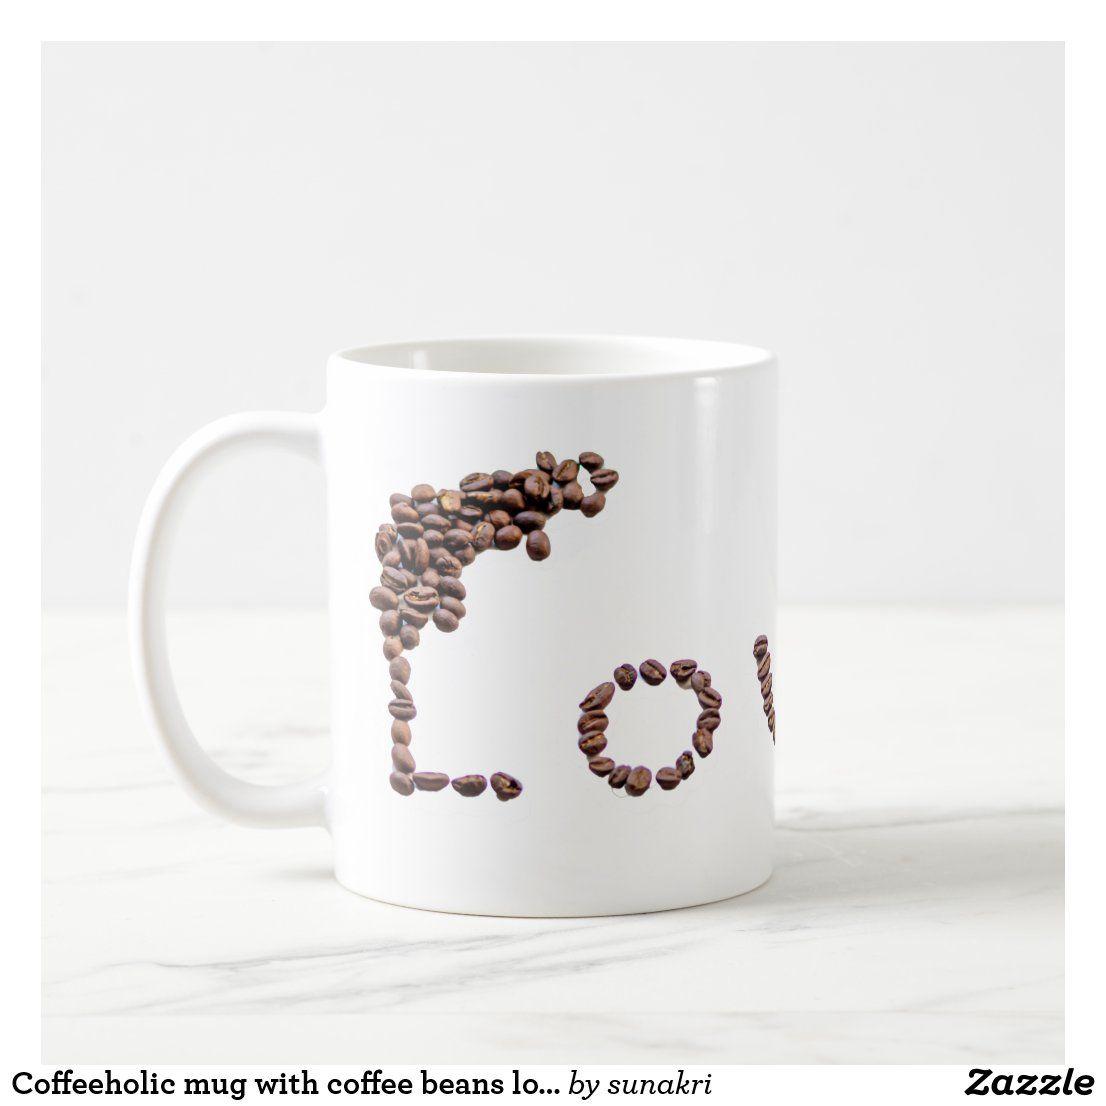 Coffeeholic Mug With Coffee Beans Love Zazzle Com In 2020 Mugs Coffee Beans Coffee